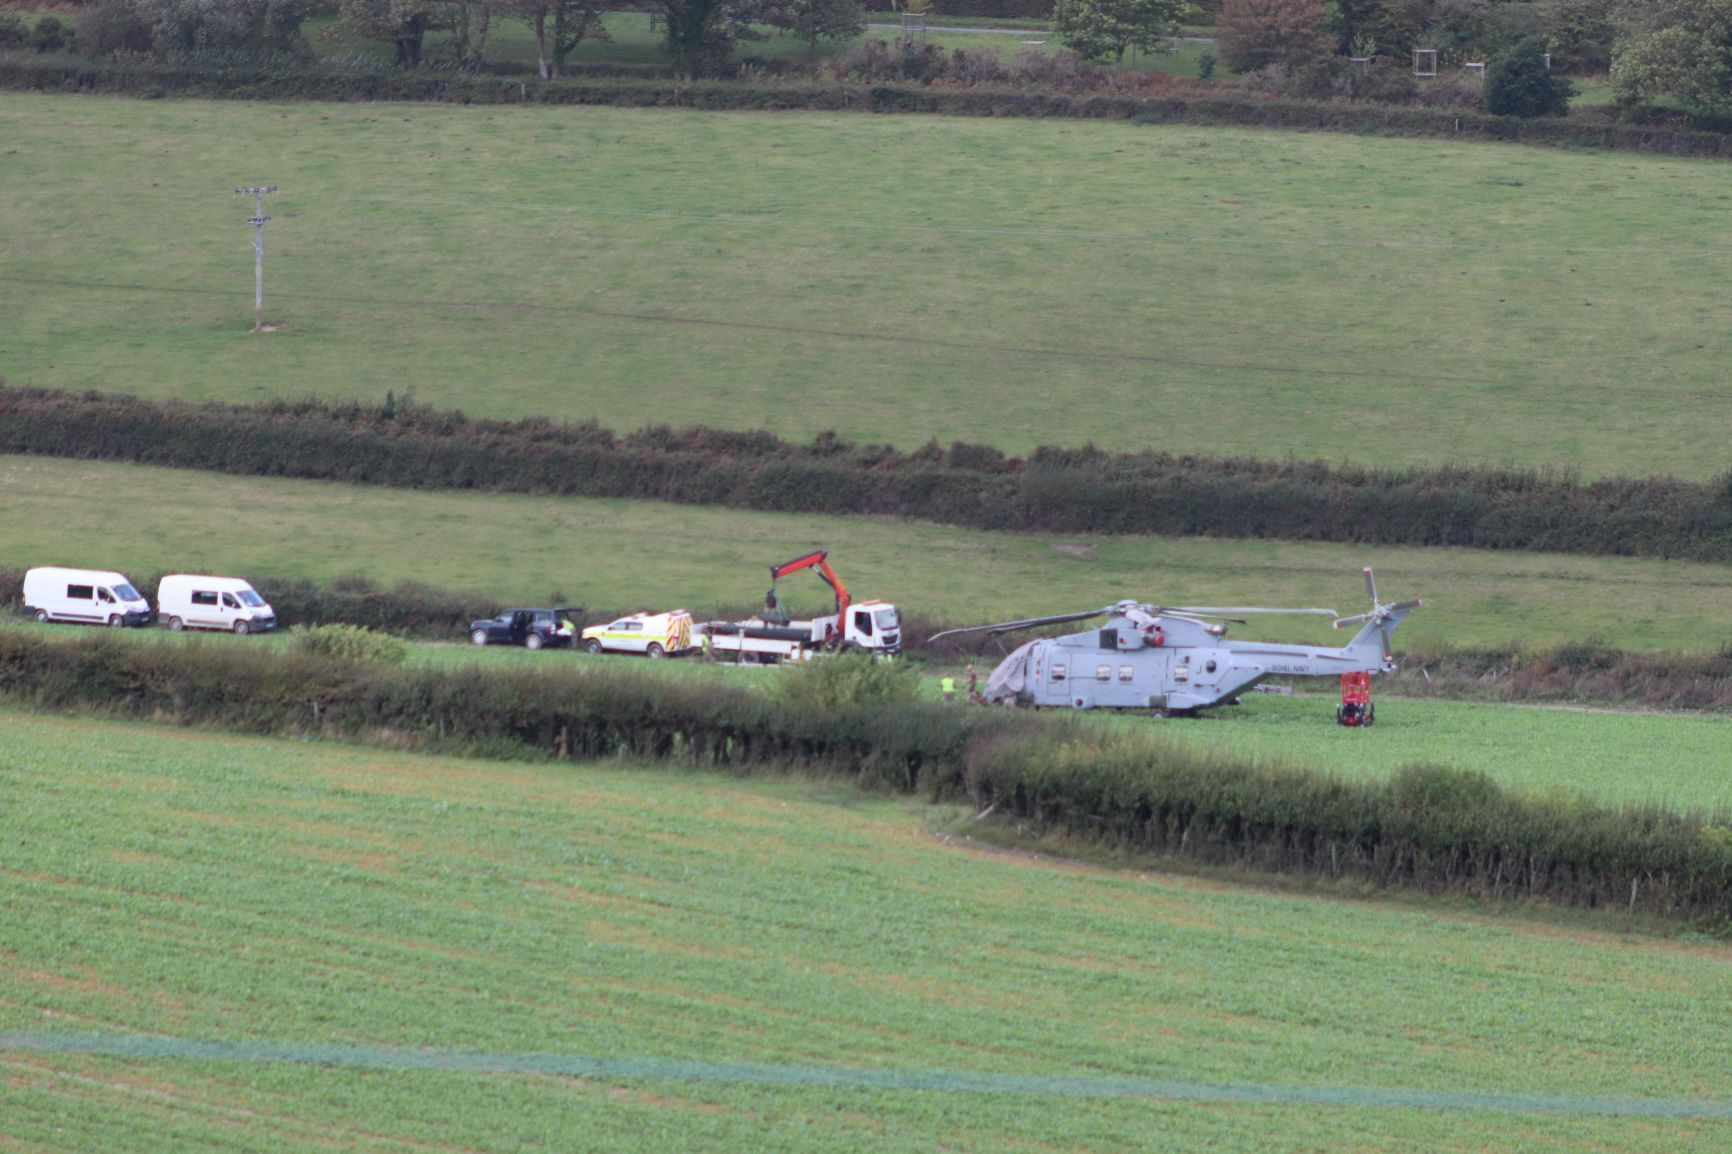 '£25m' Merlin was stranded in Corfe Castle field for a week